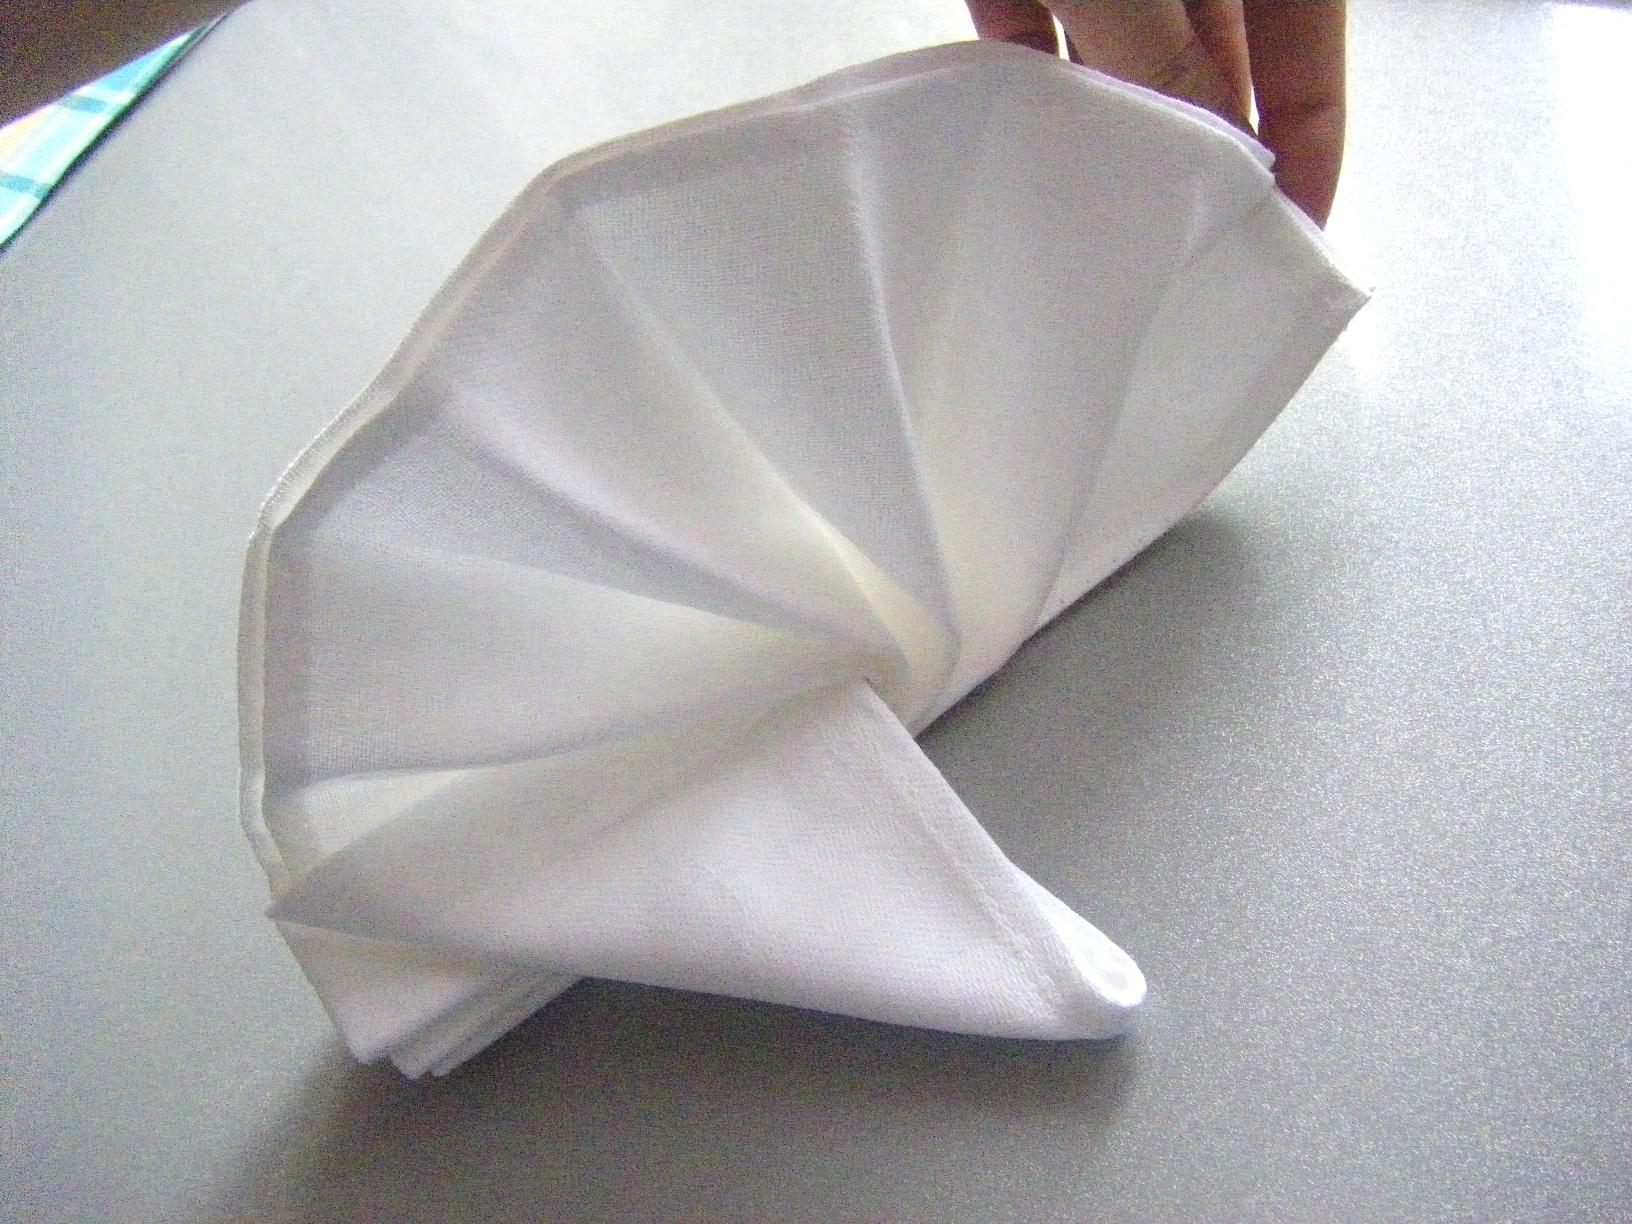 Сервировка салфеток бумажных для